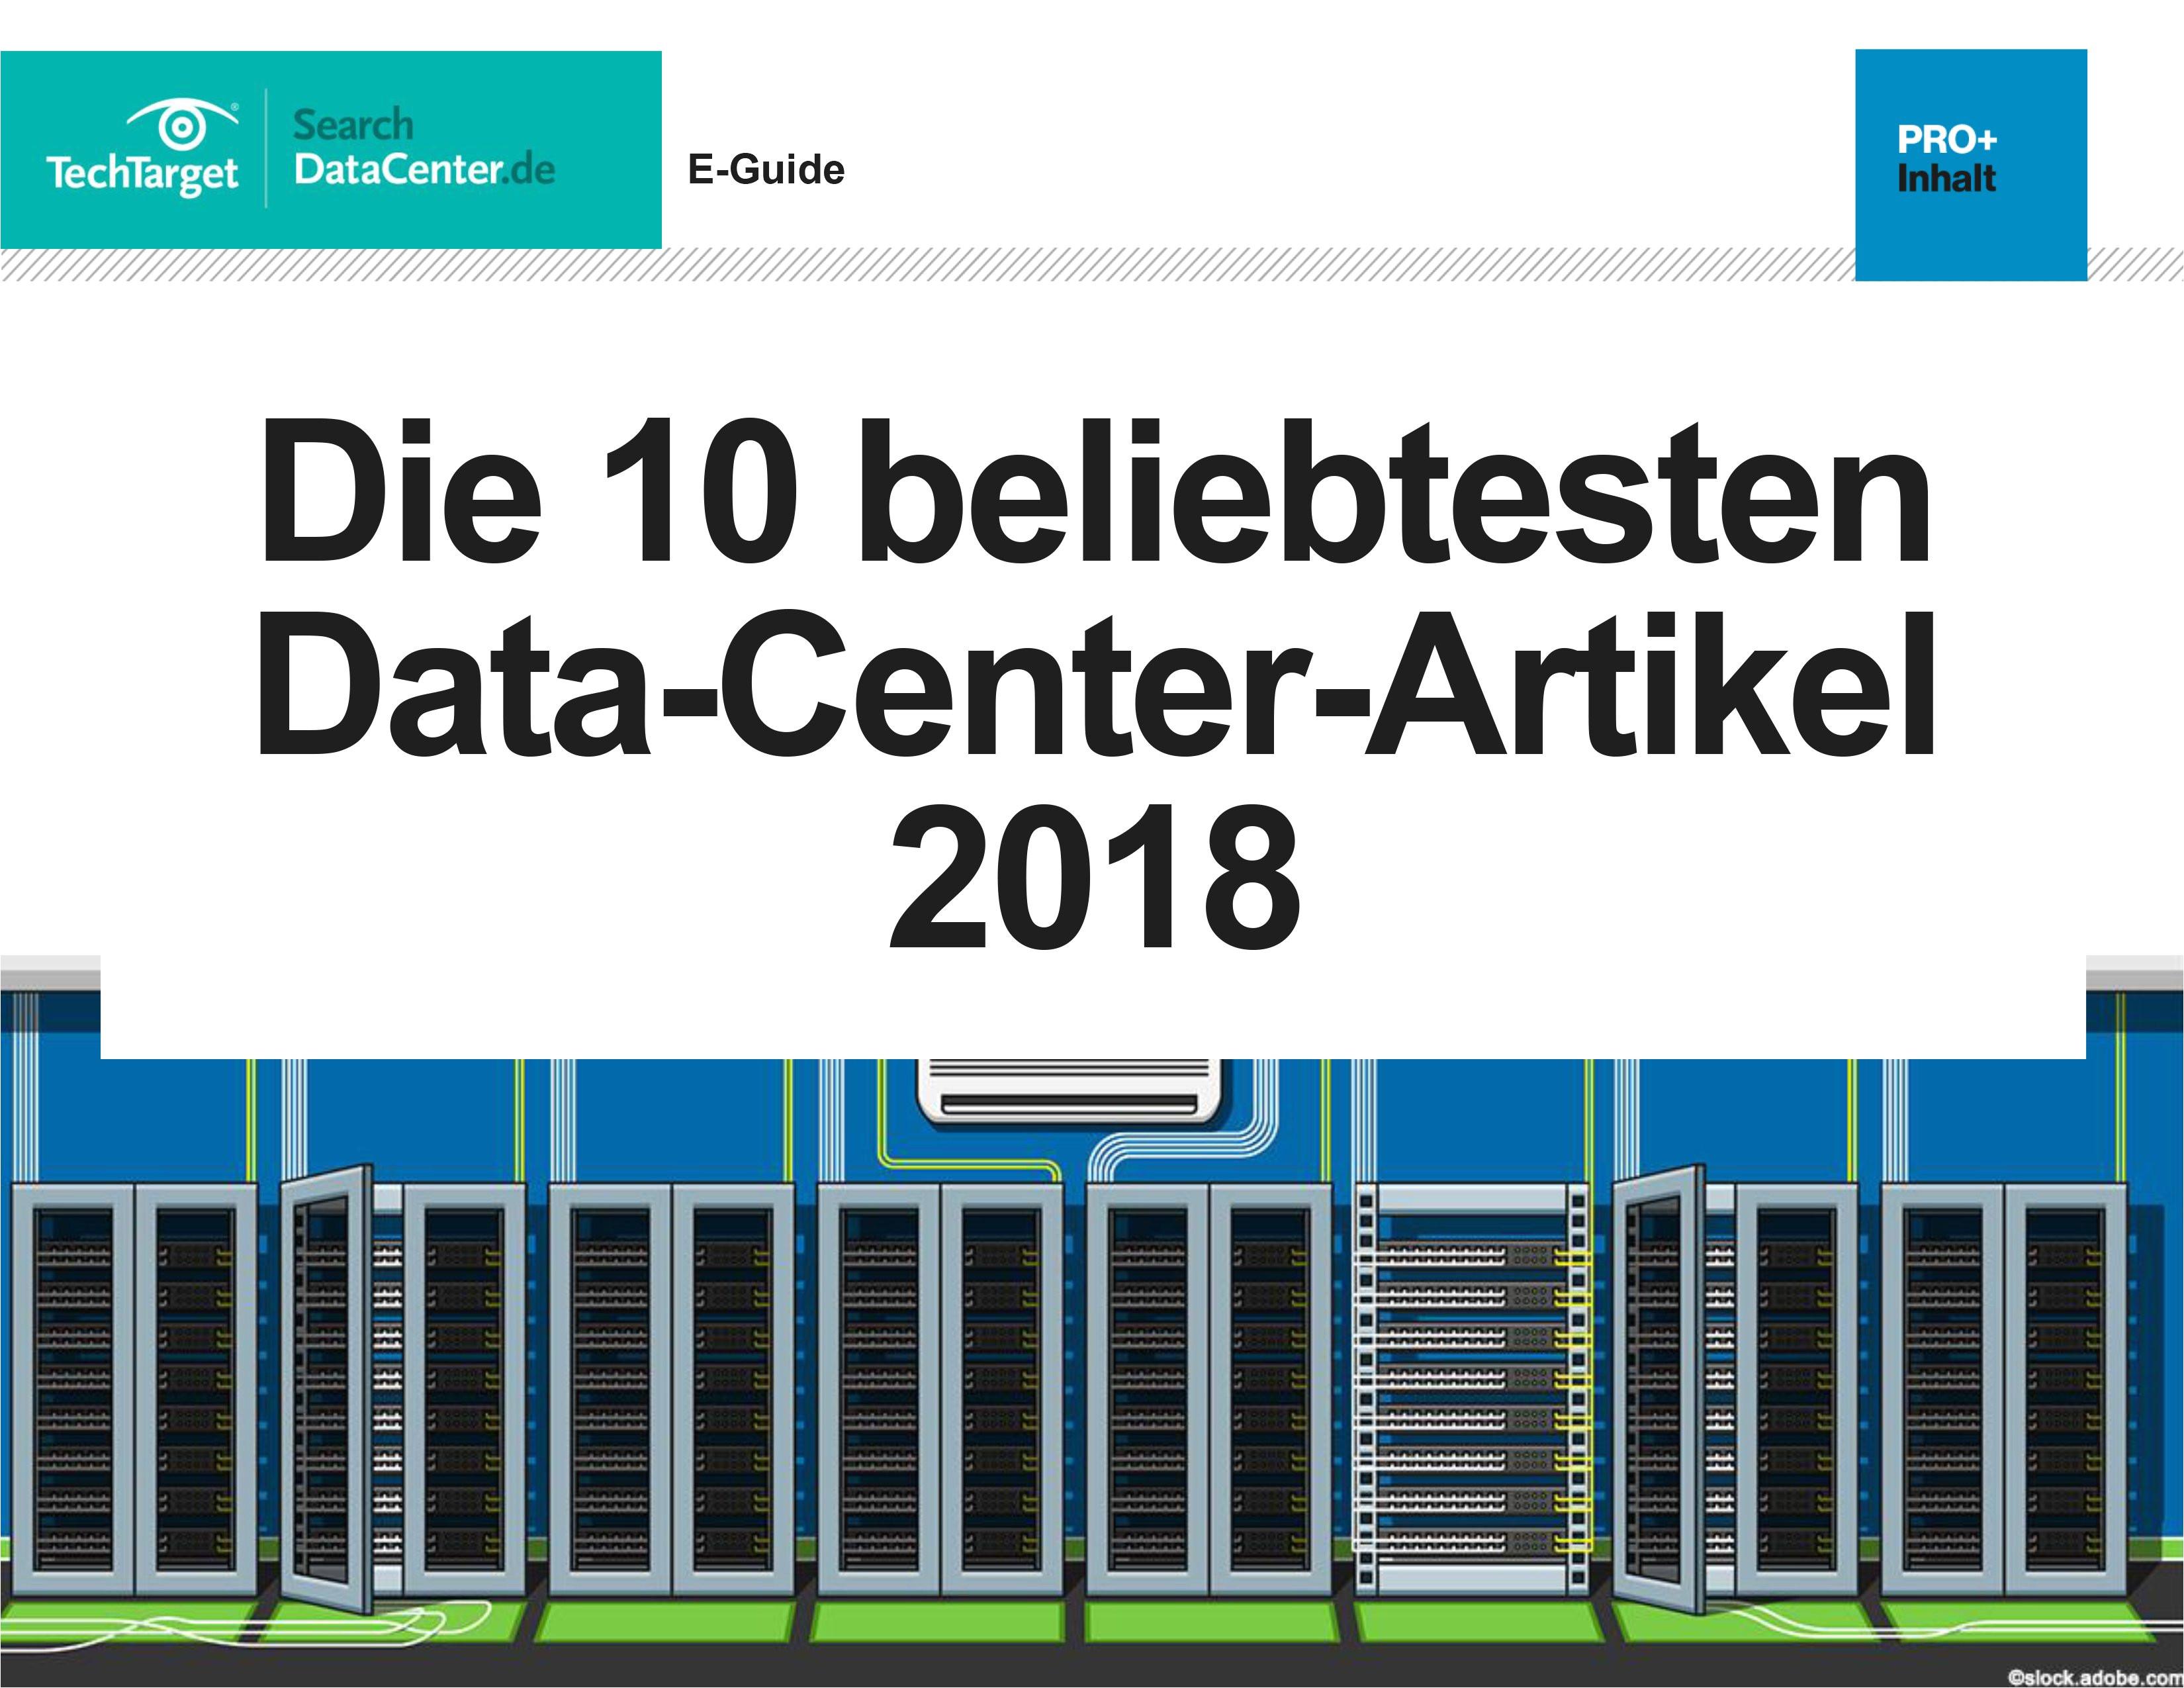 die 10 beliebtesten data center artikel 2018